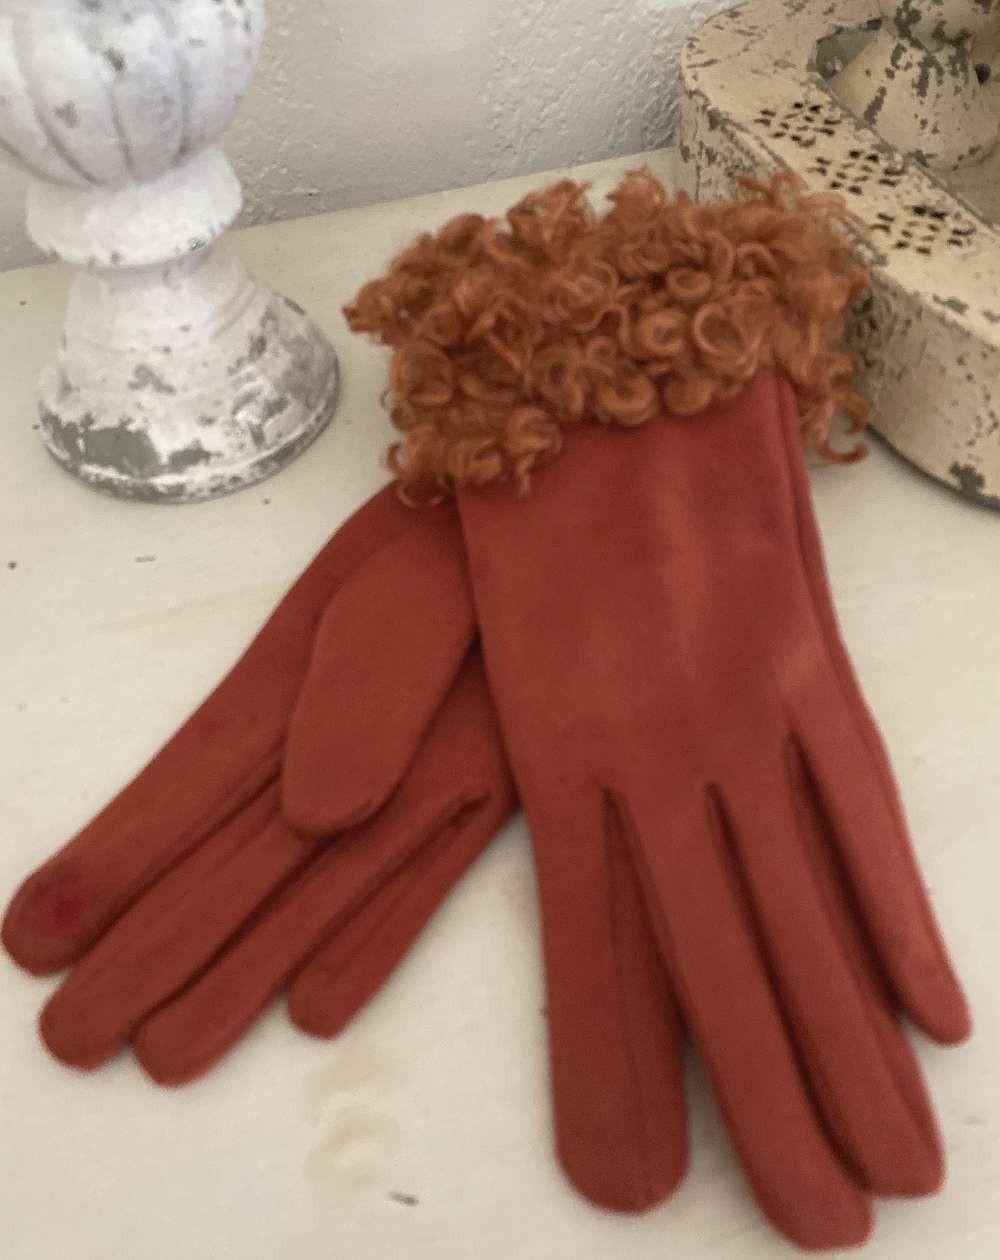 Gants femme coloris brique avec moumoute style mouton frisé